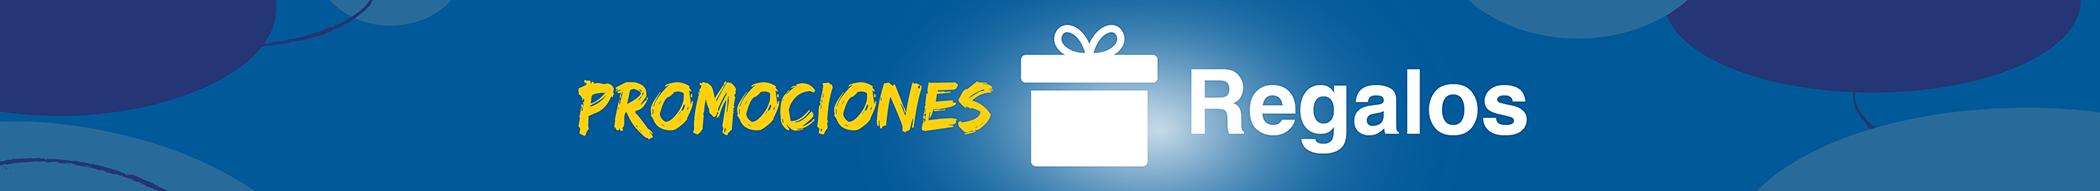 ofertas-descuentos-promociones-puppis-regalos